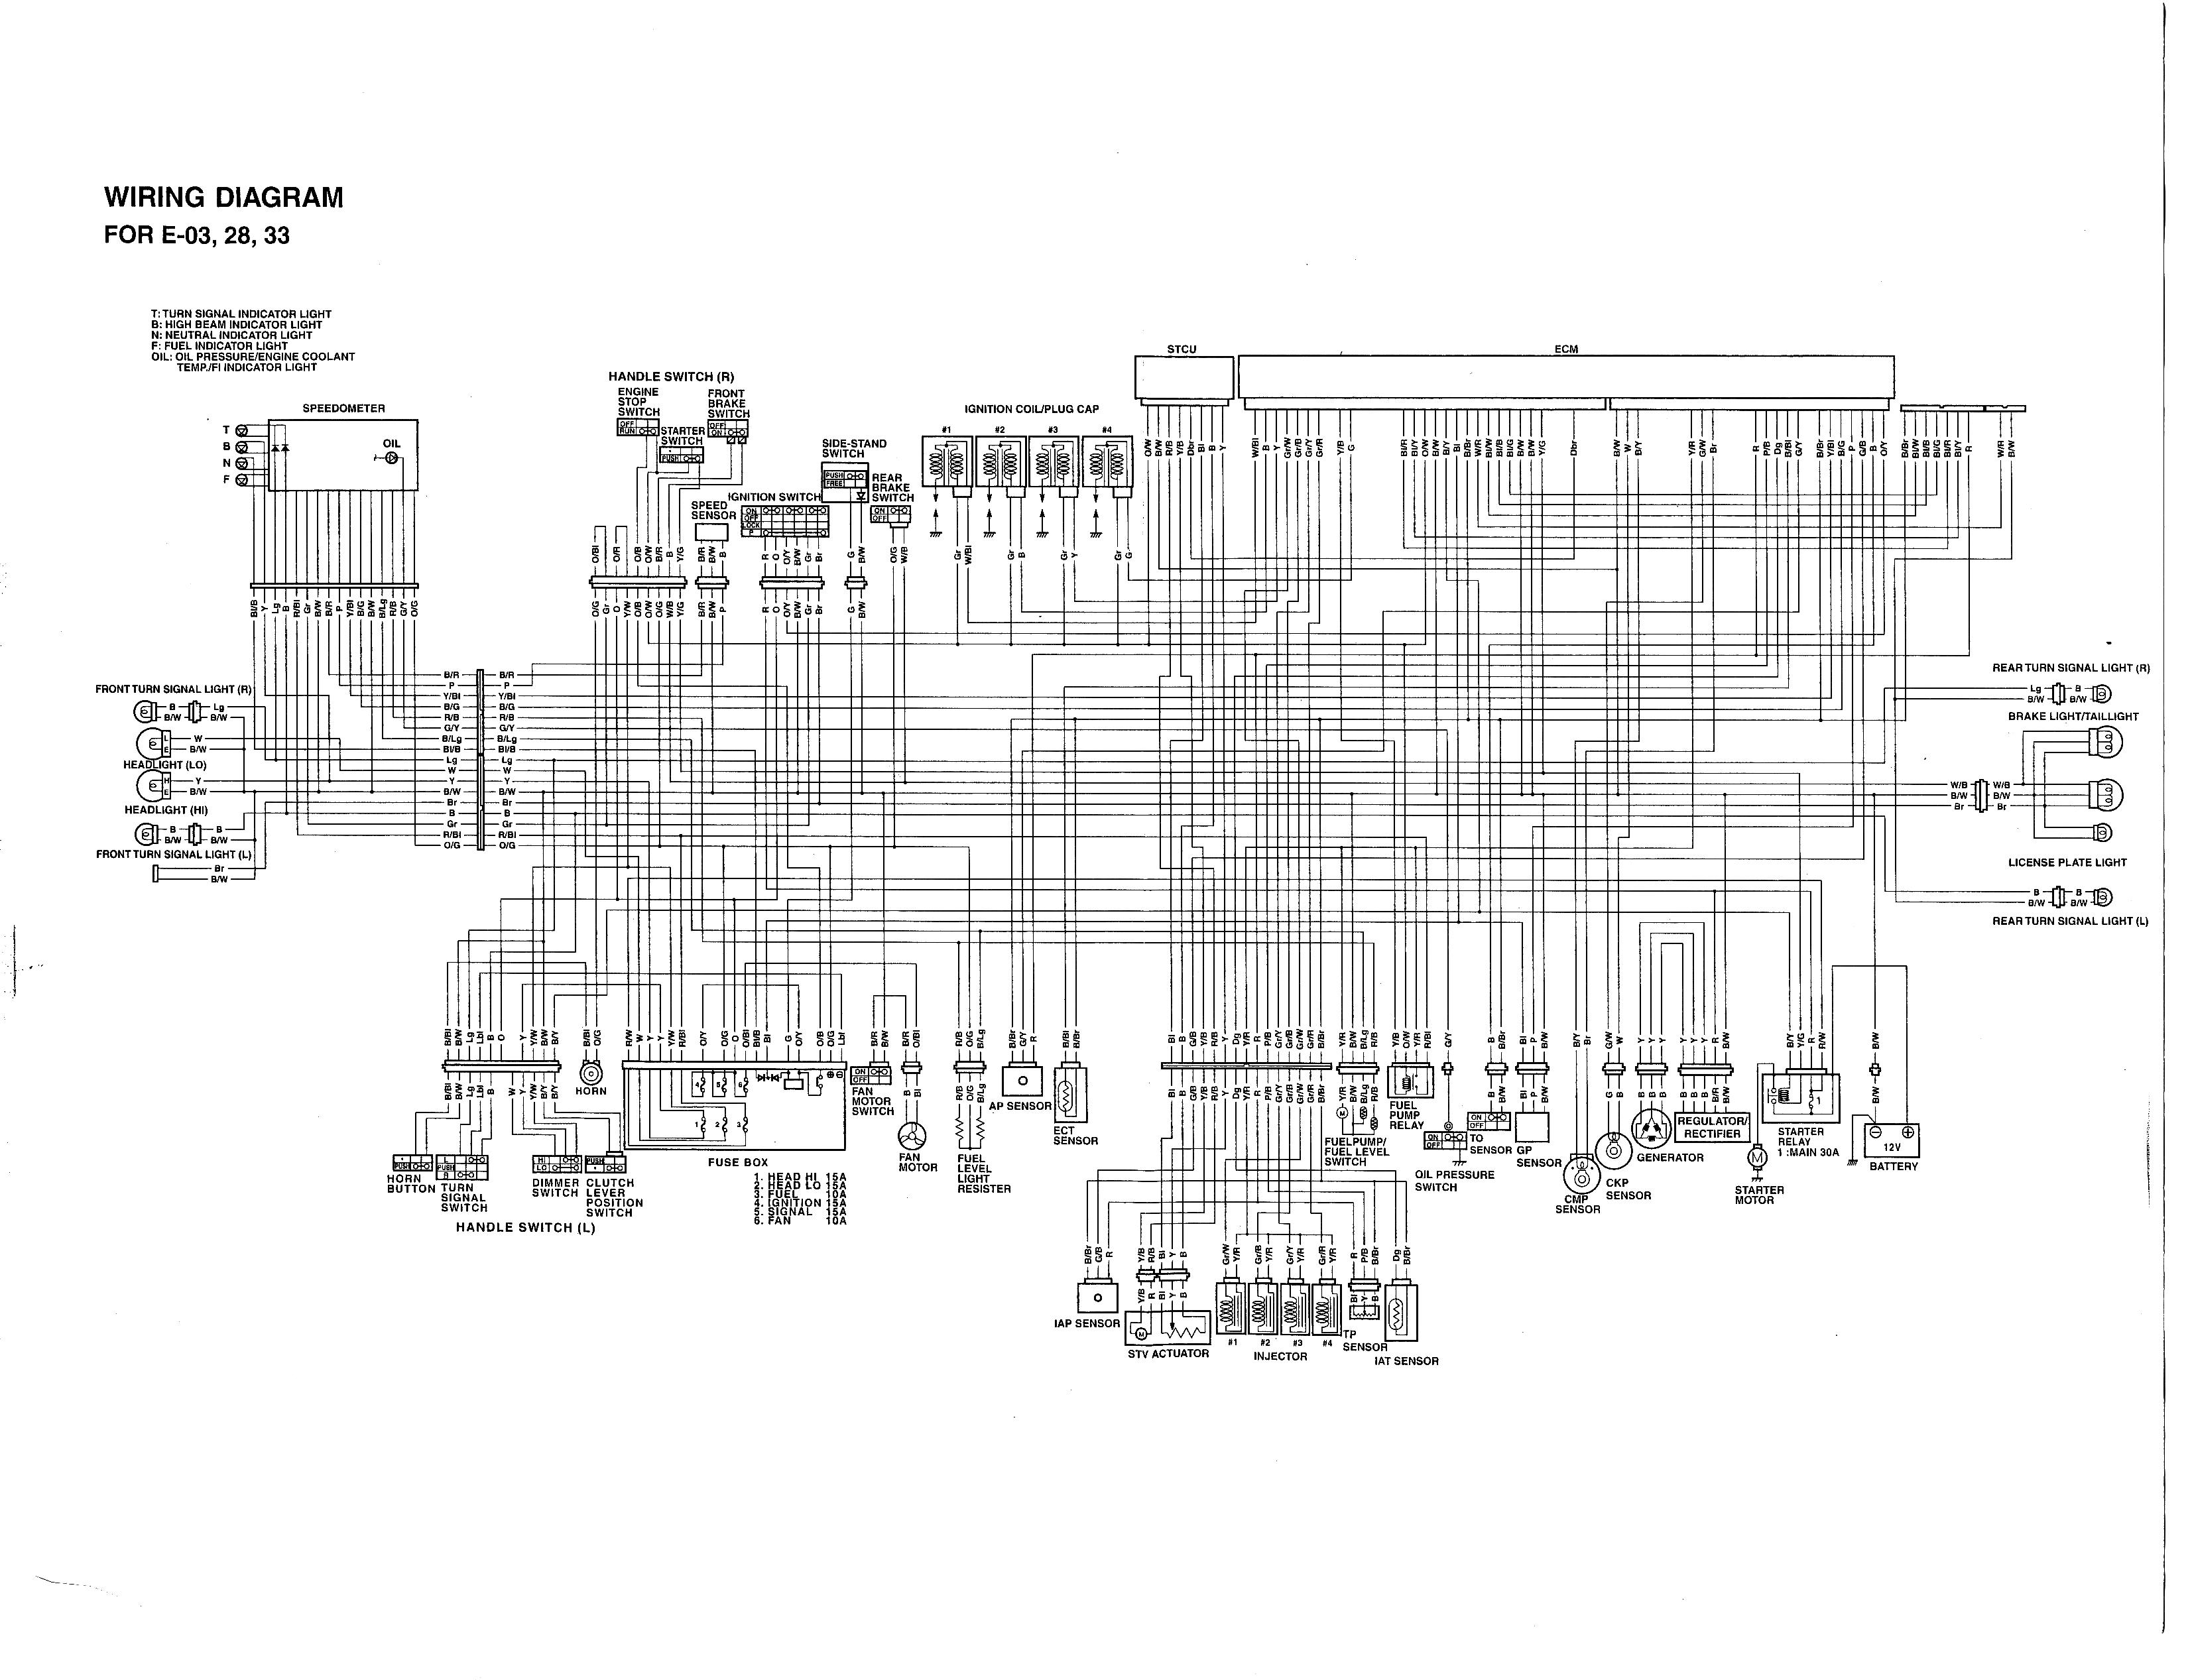 Wonderful 08 Suzuki Gsxr 600 Wiring Diagram Ideas - The Best ...